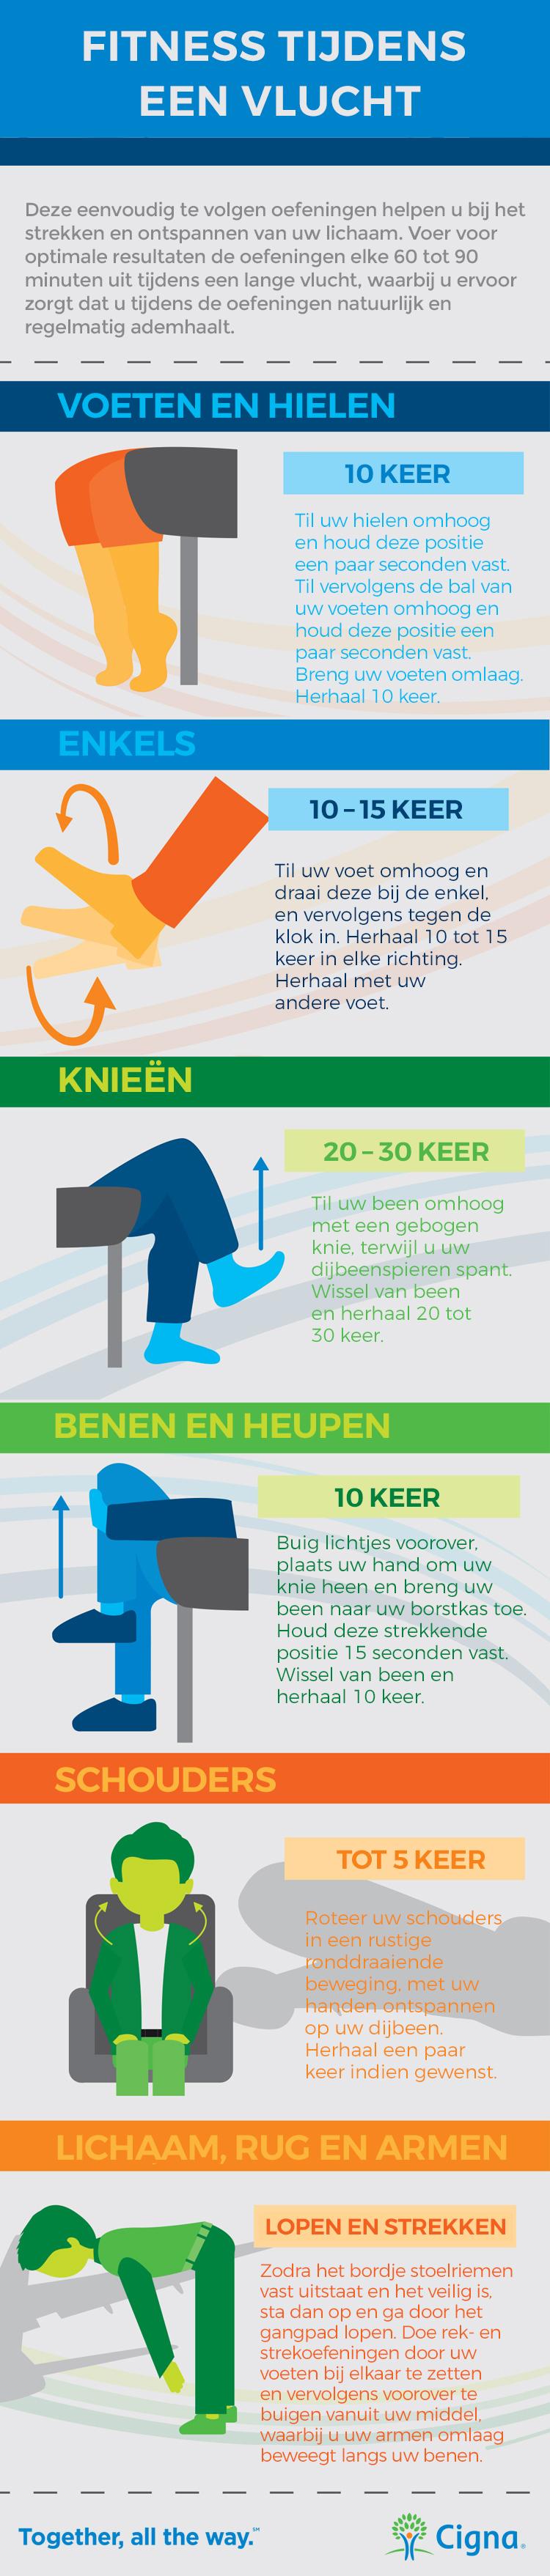 Fitness voor reizigers